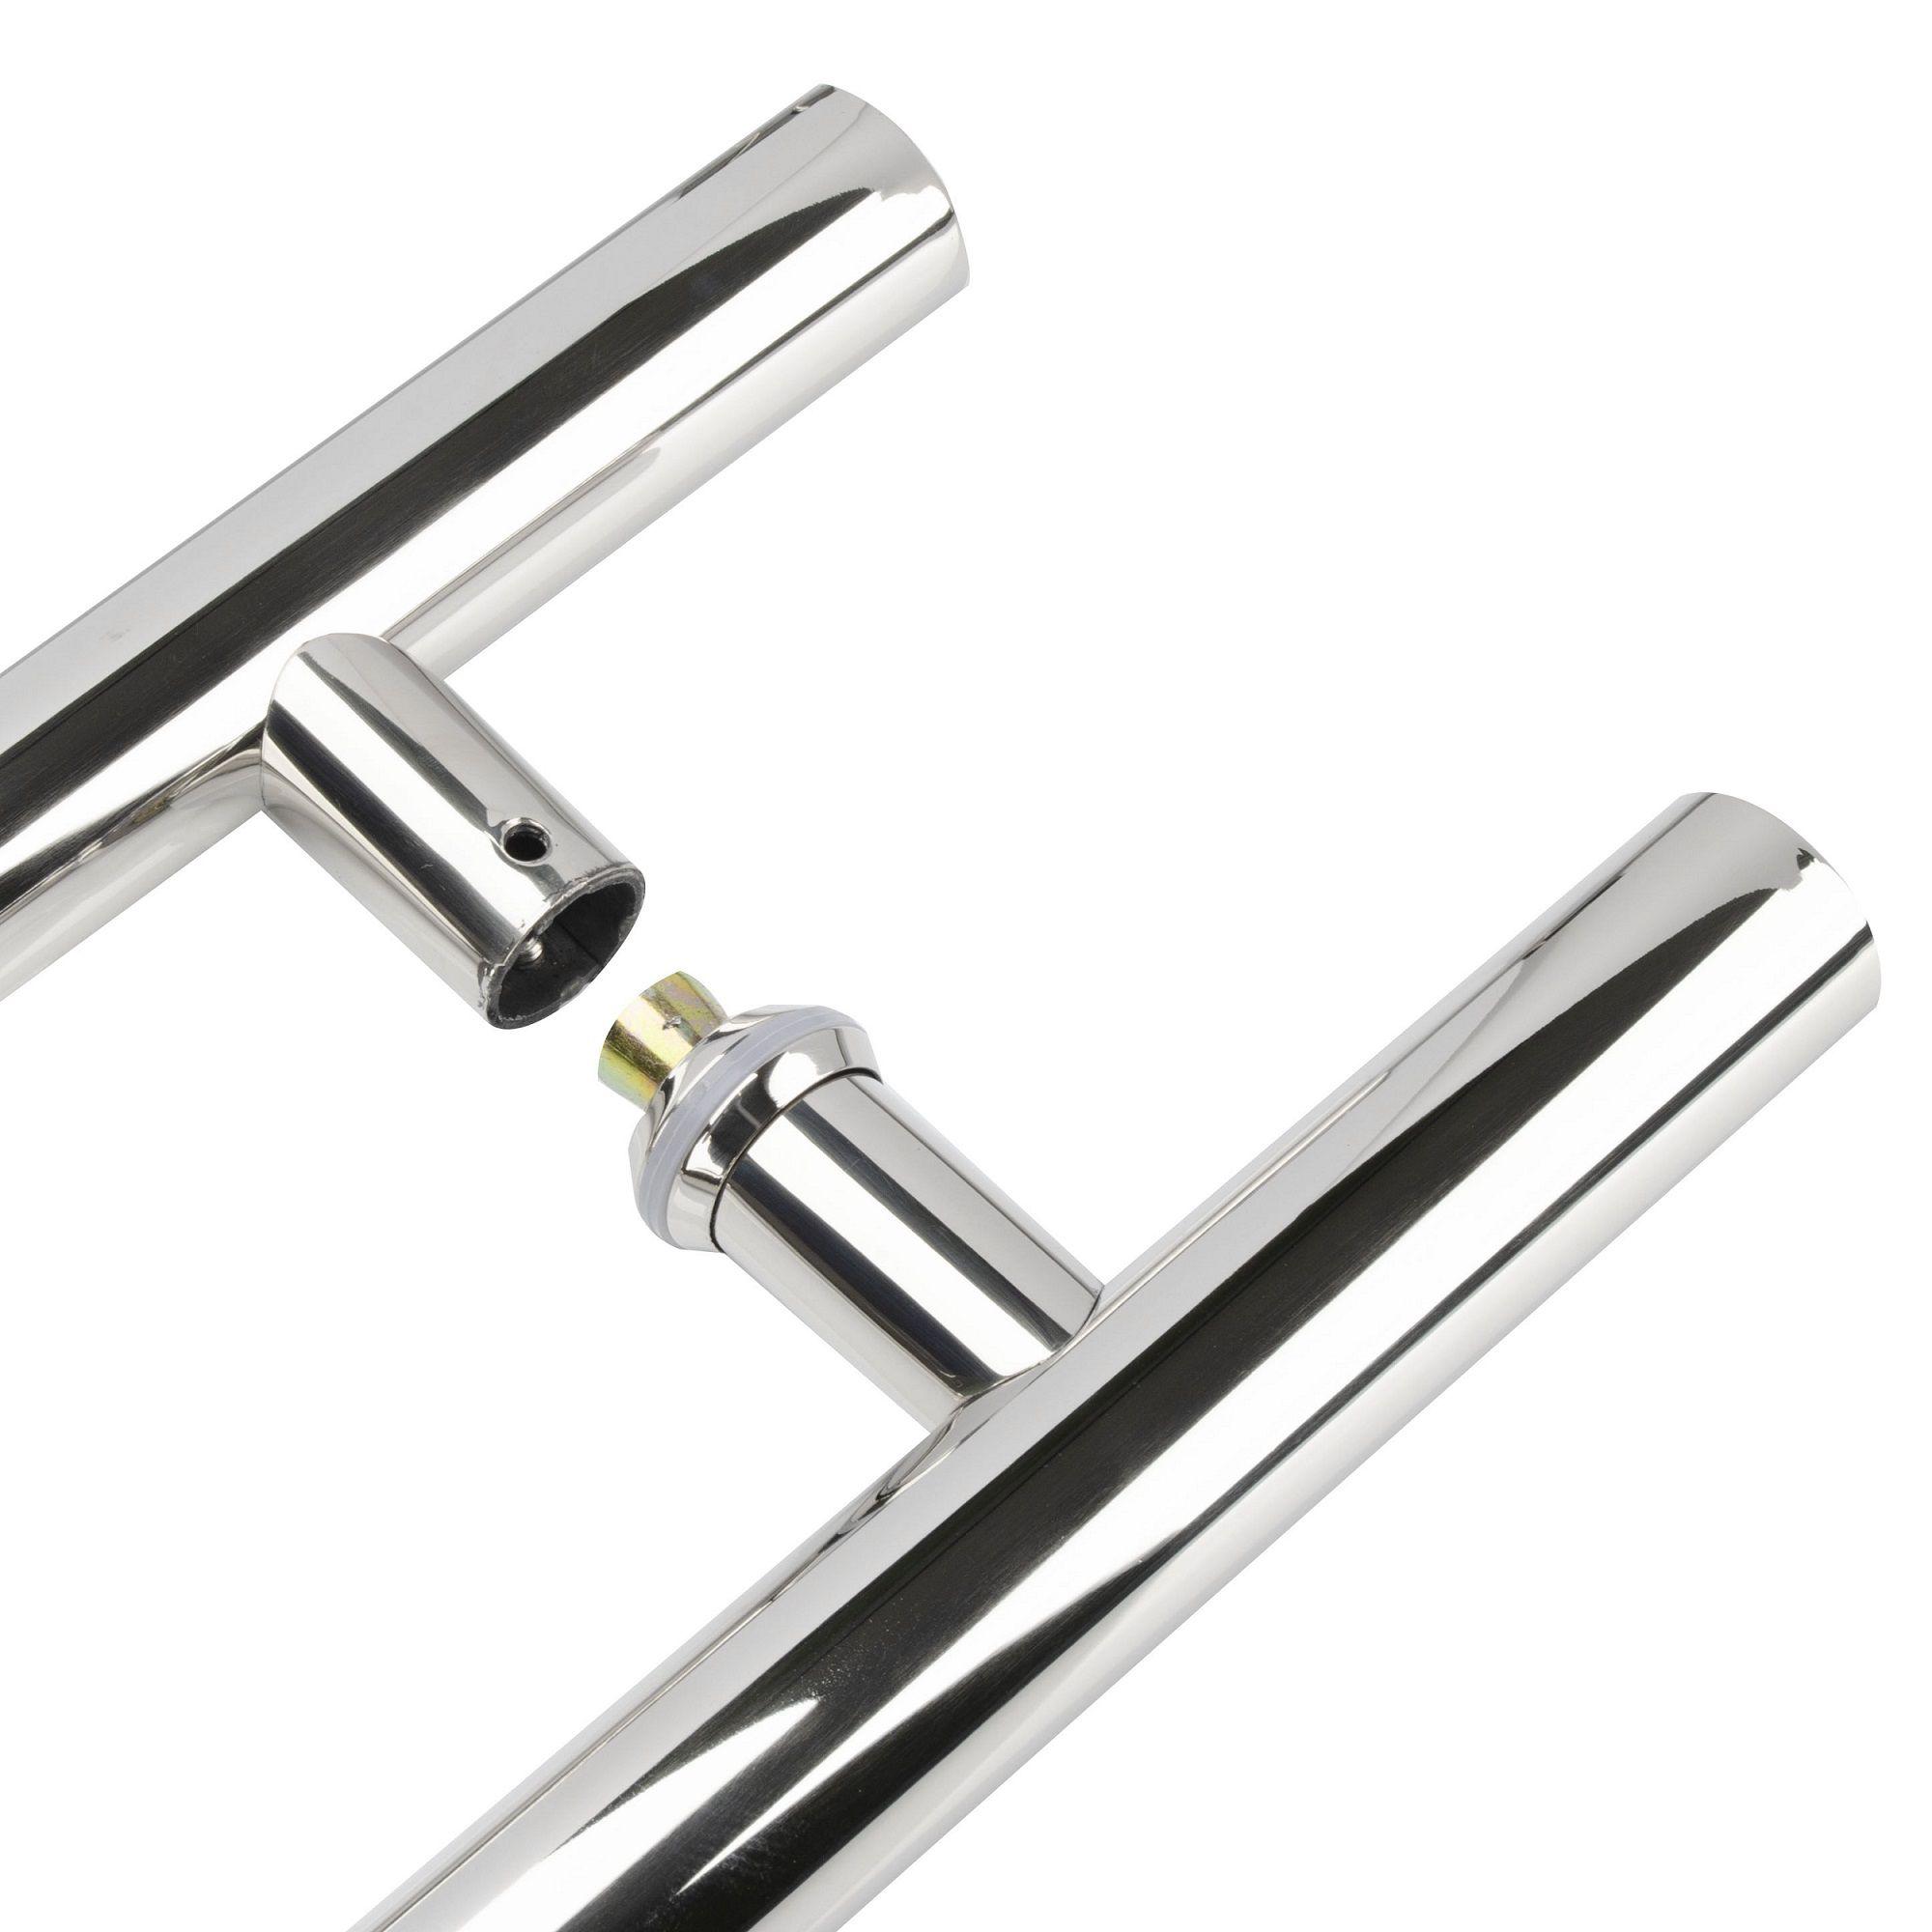 Puxador inox para porta madeira e vidro tubular redondo 20x30cm H05